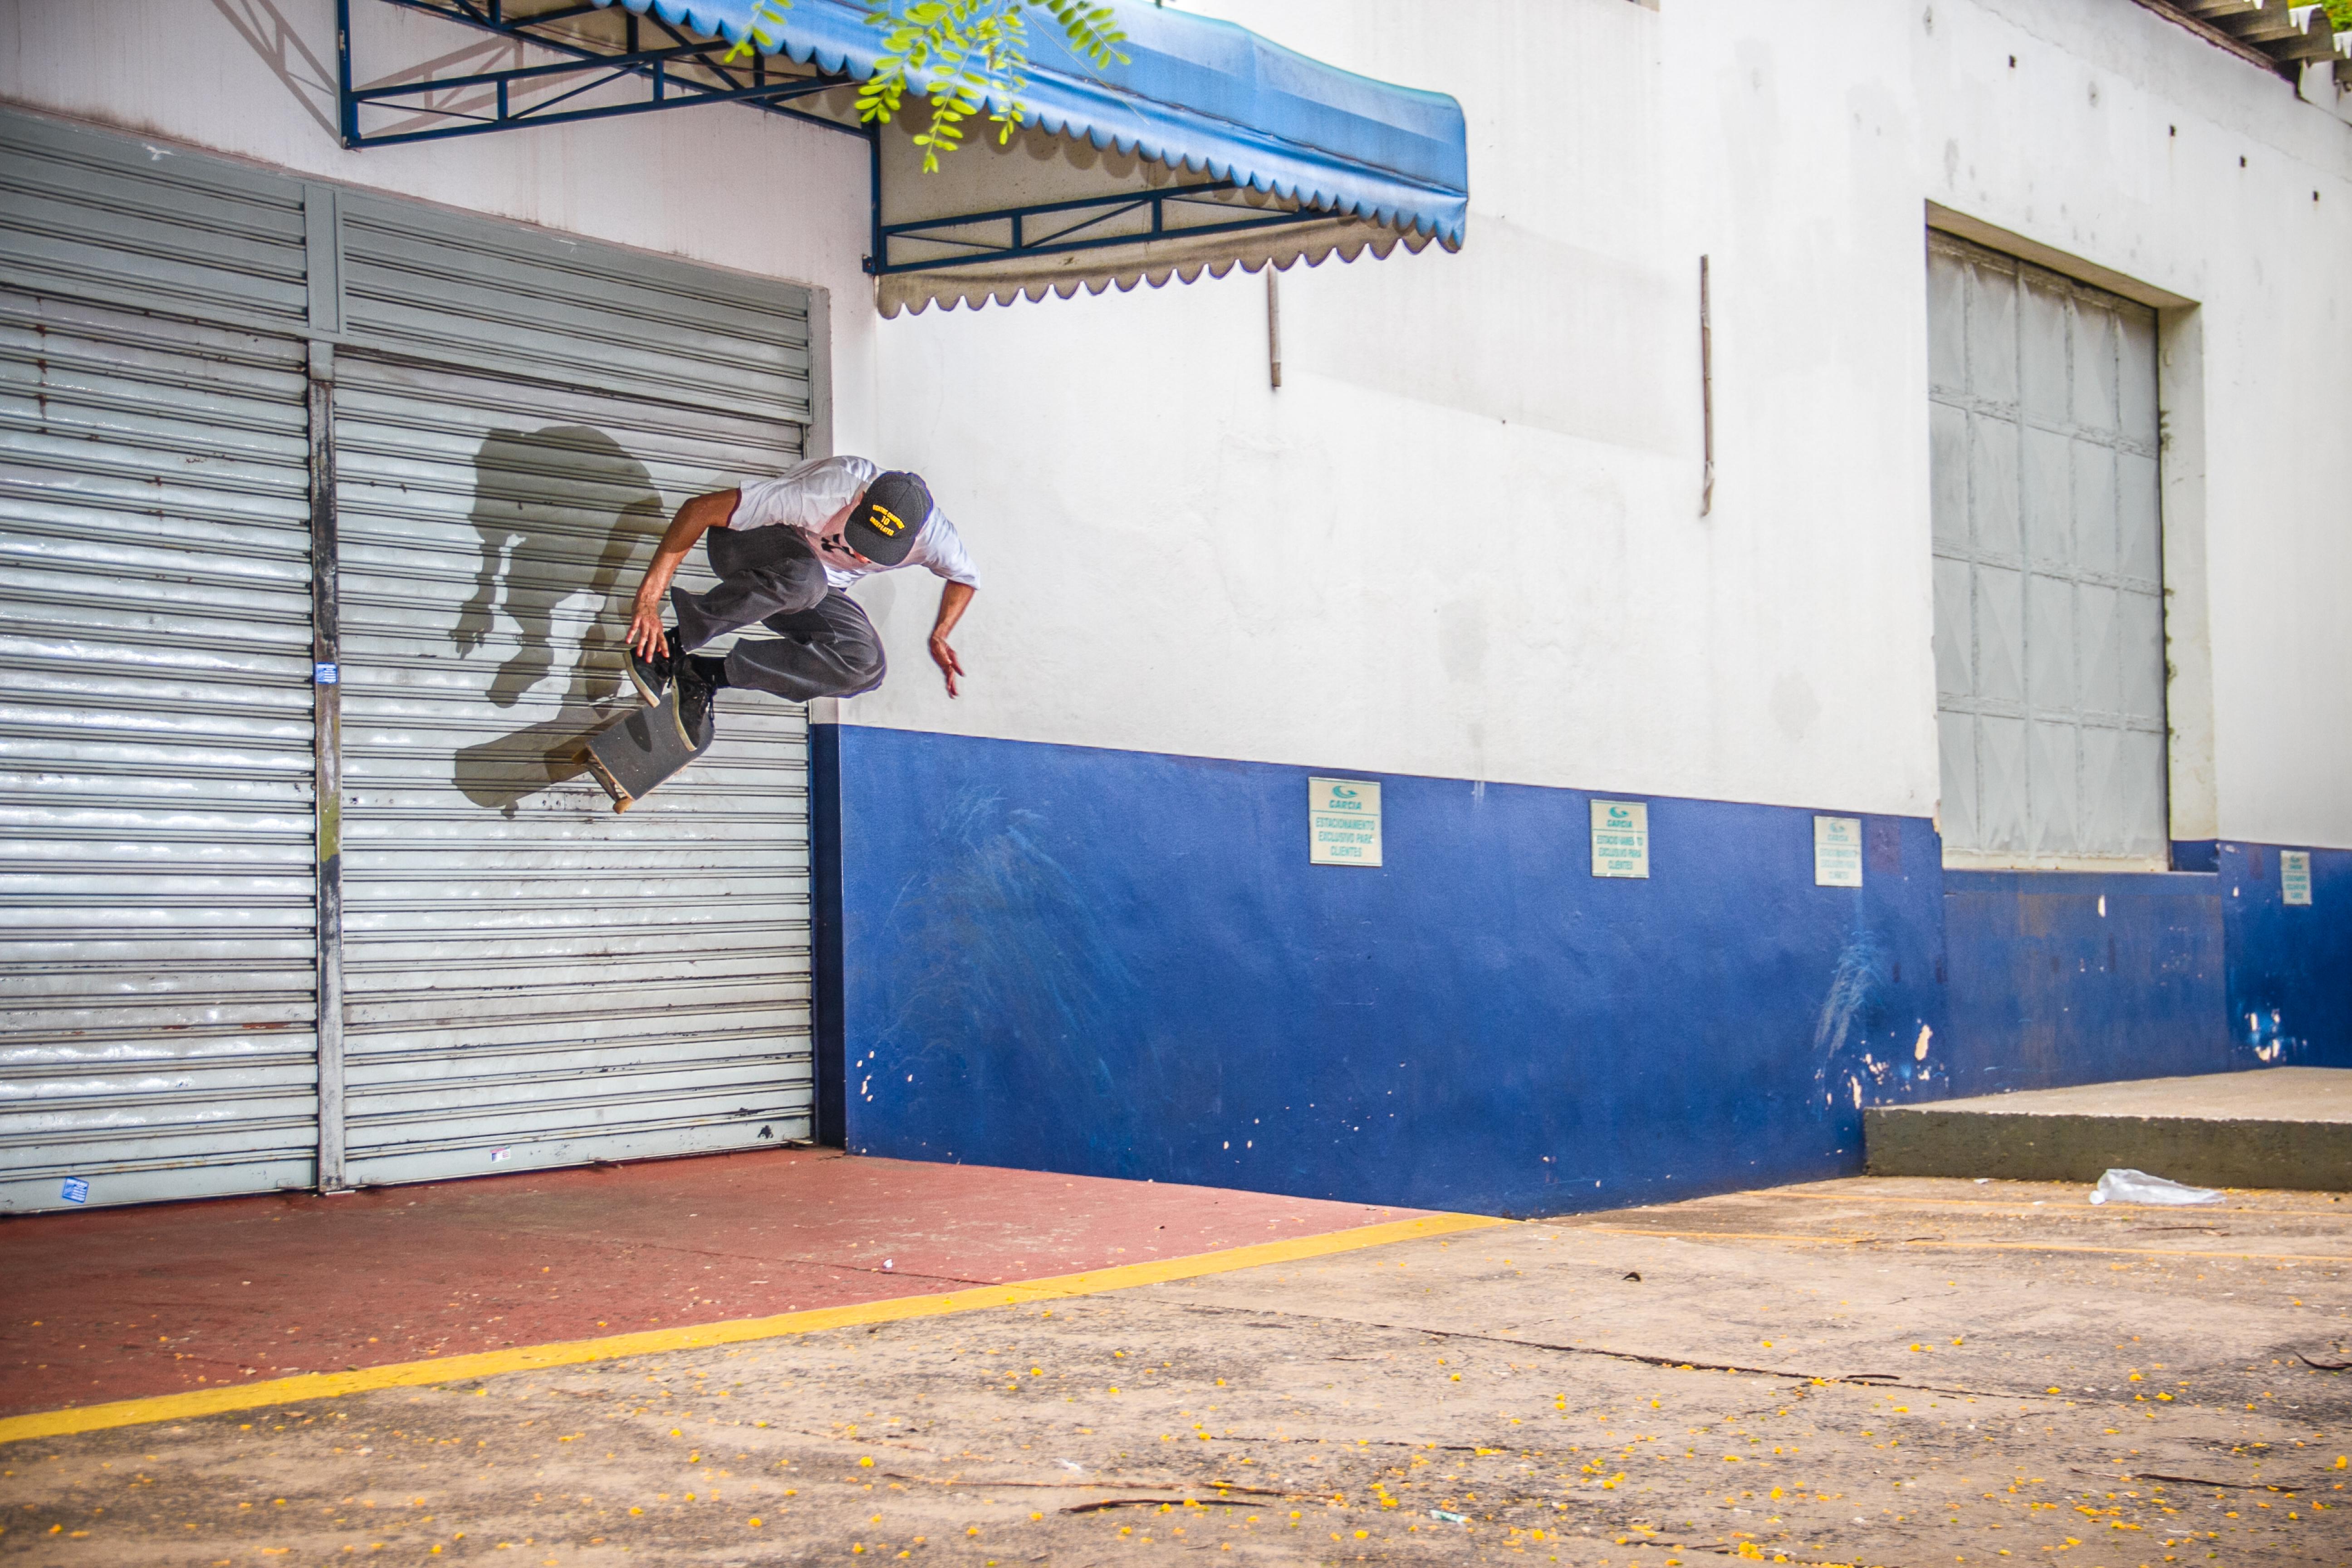 Pedro Biaggio - Flip Wallride